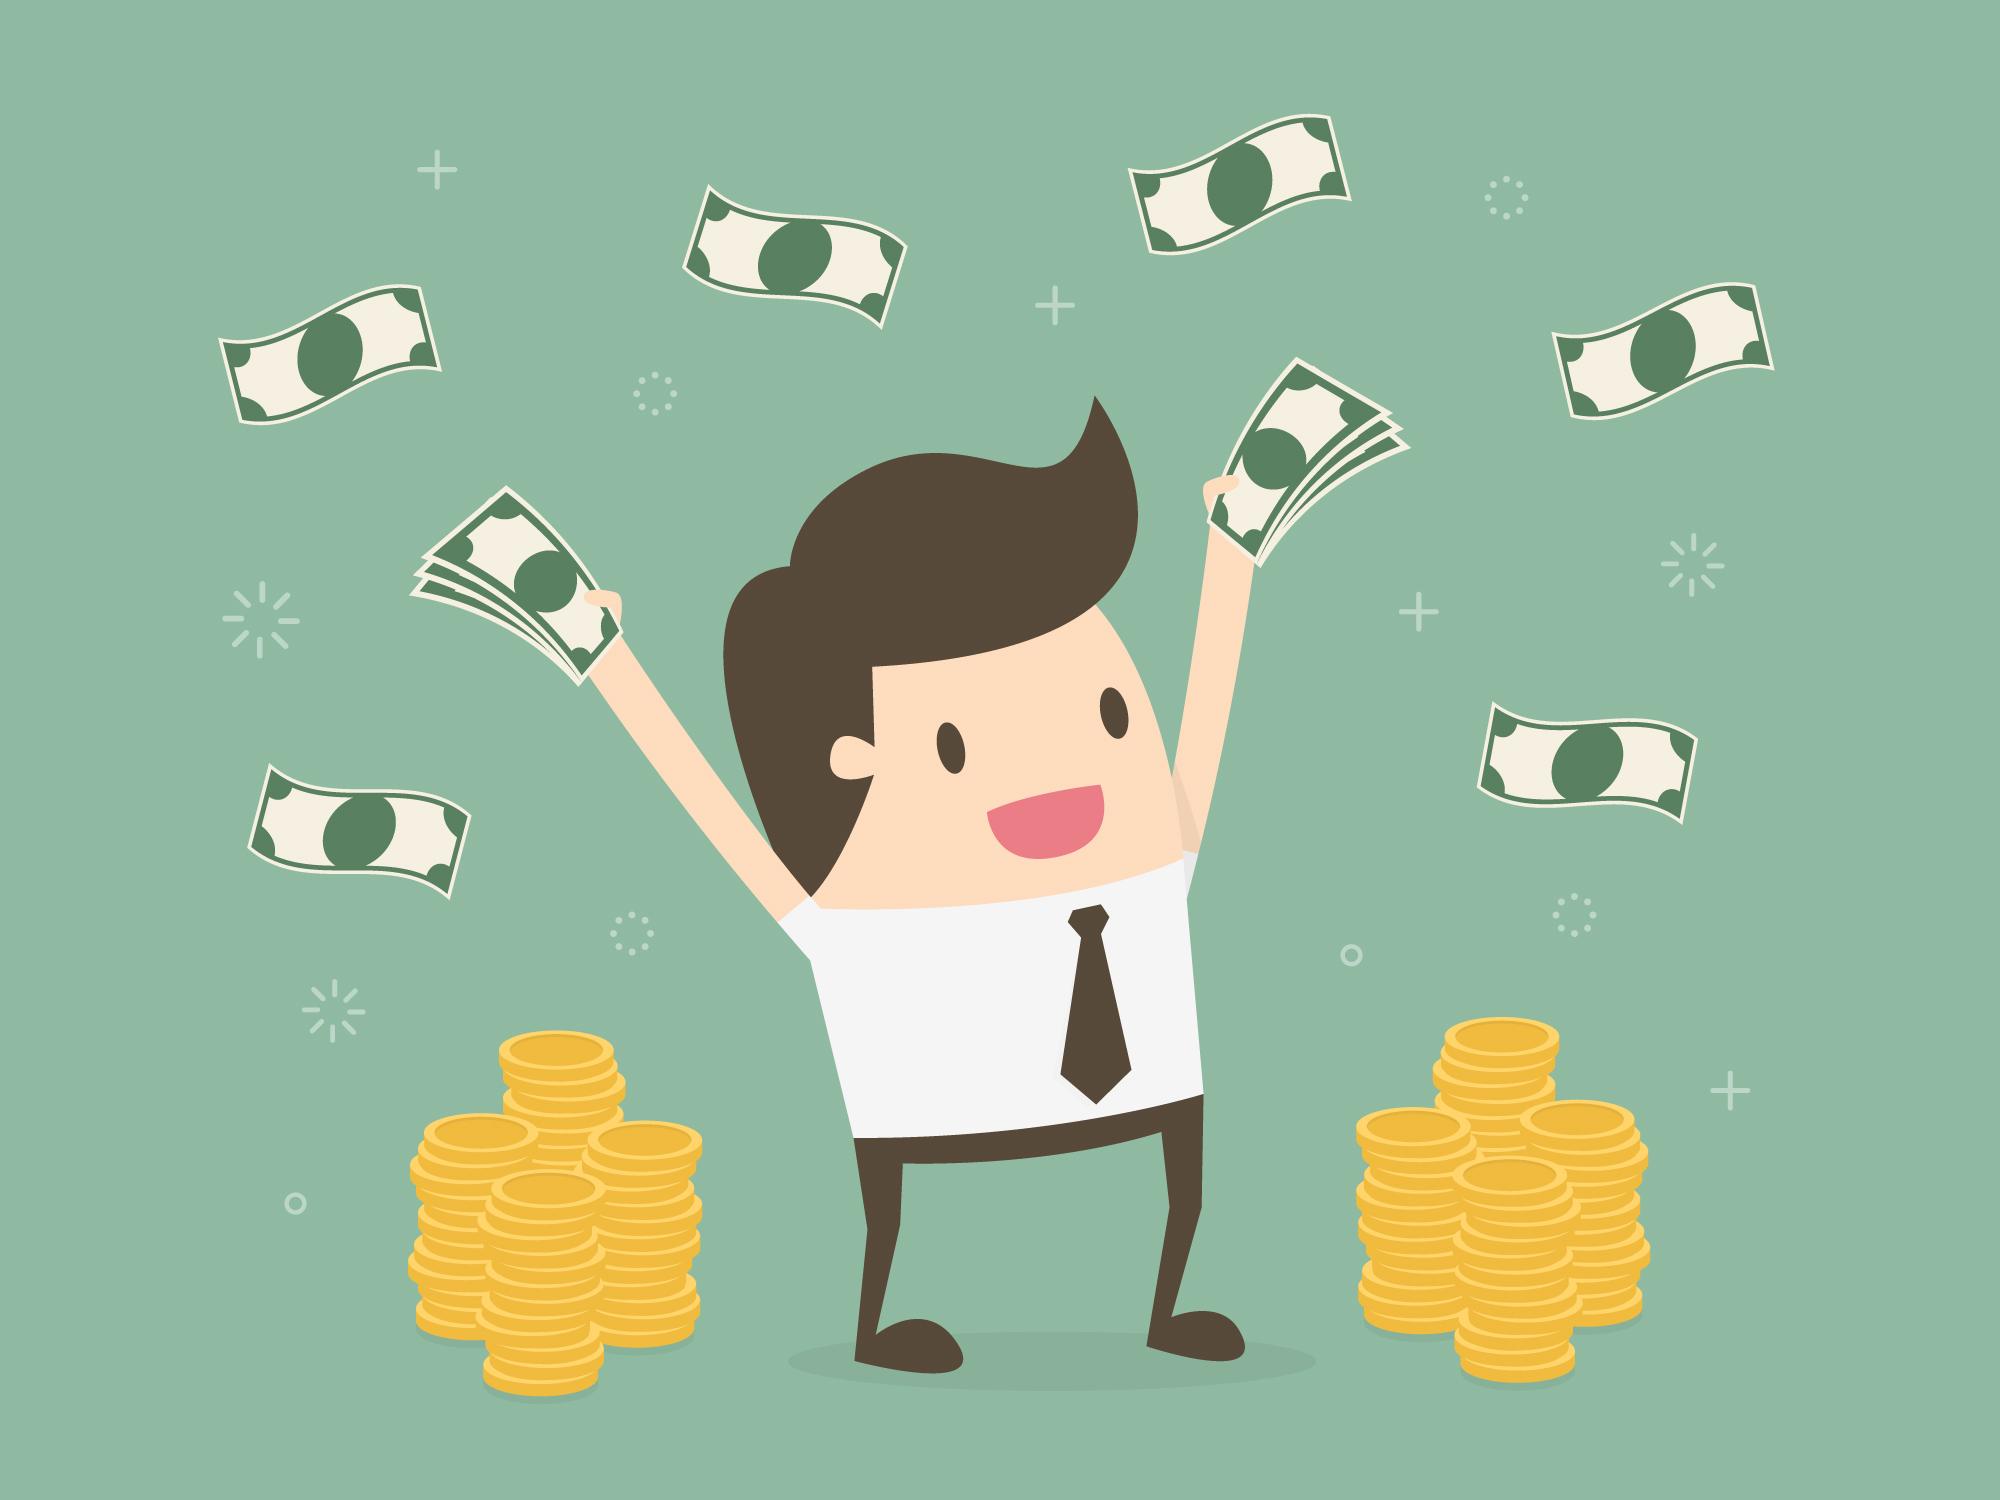 Mức lương trung bình của lập trình viên PHP là bao nhiều